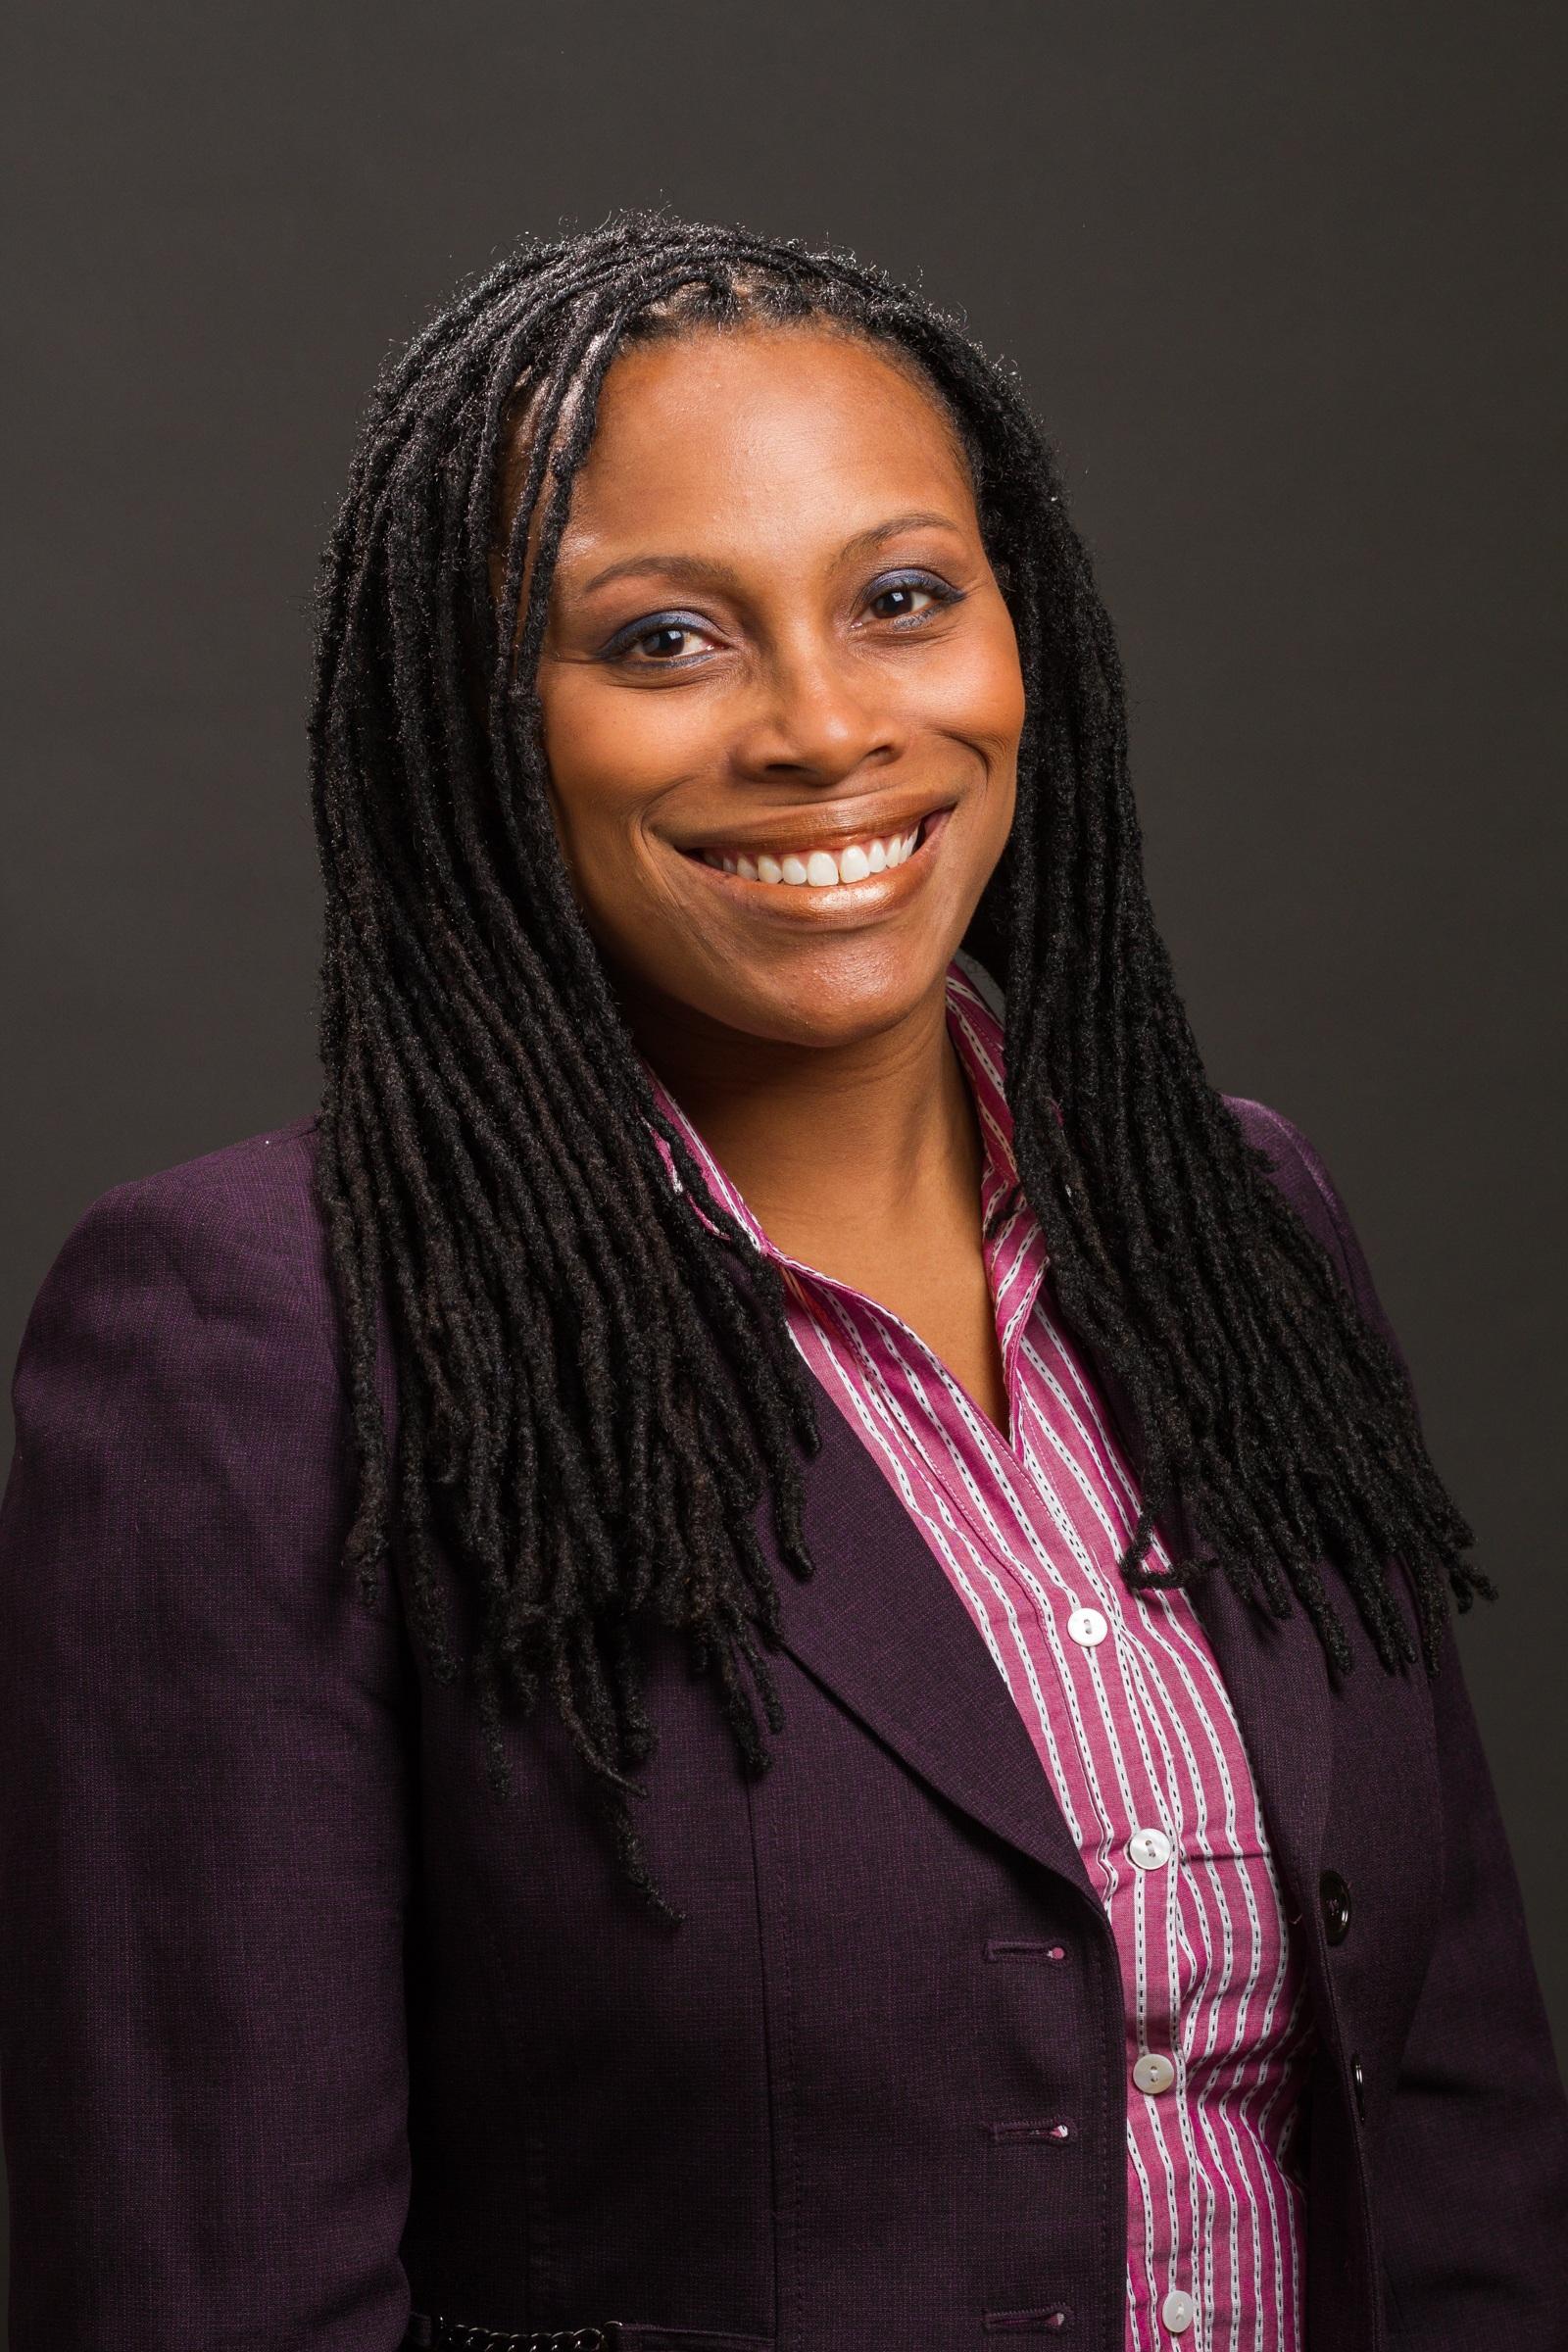 Marcella Nunez-Smith, MD, MHS